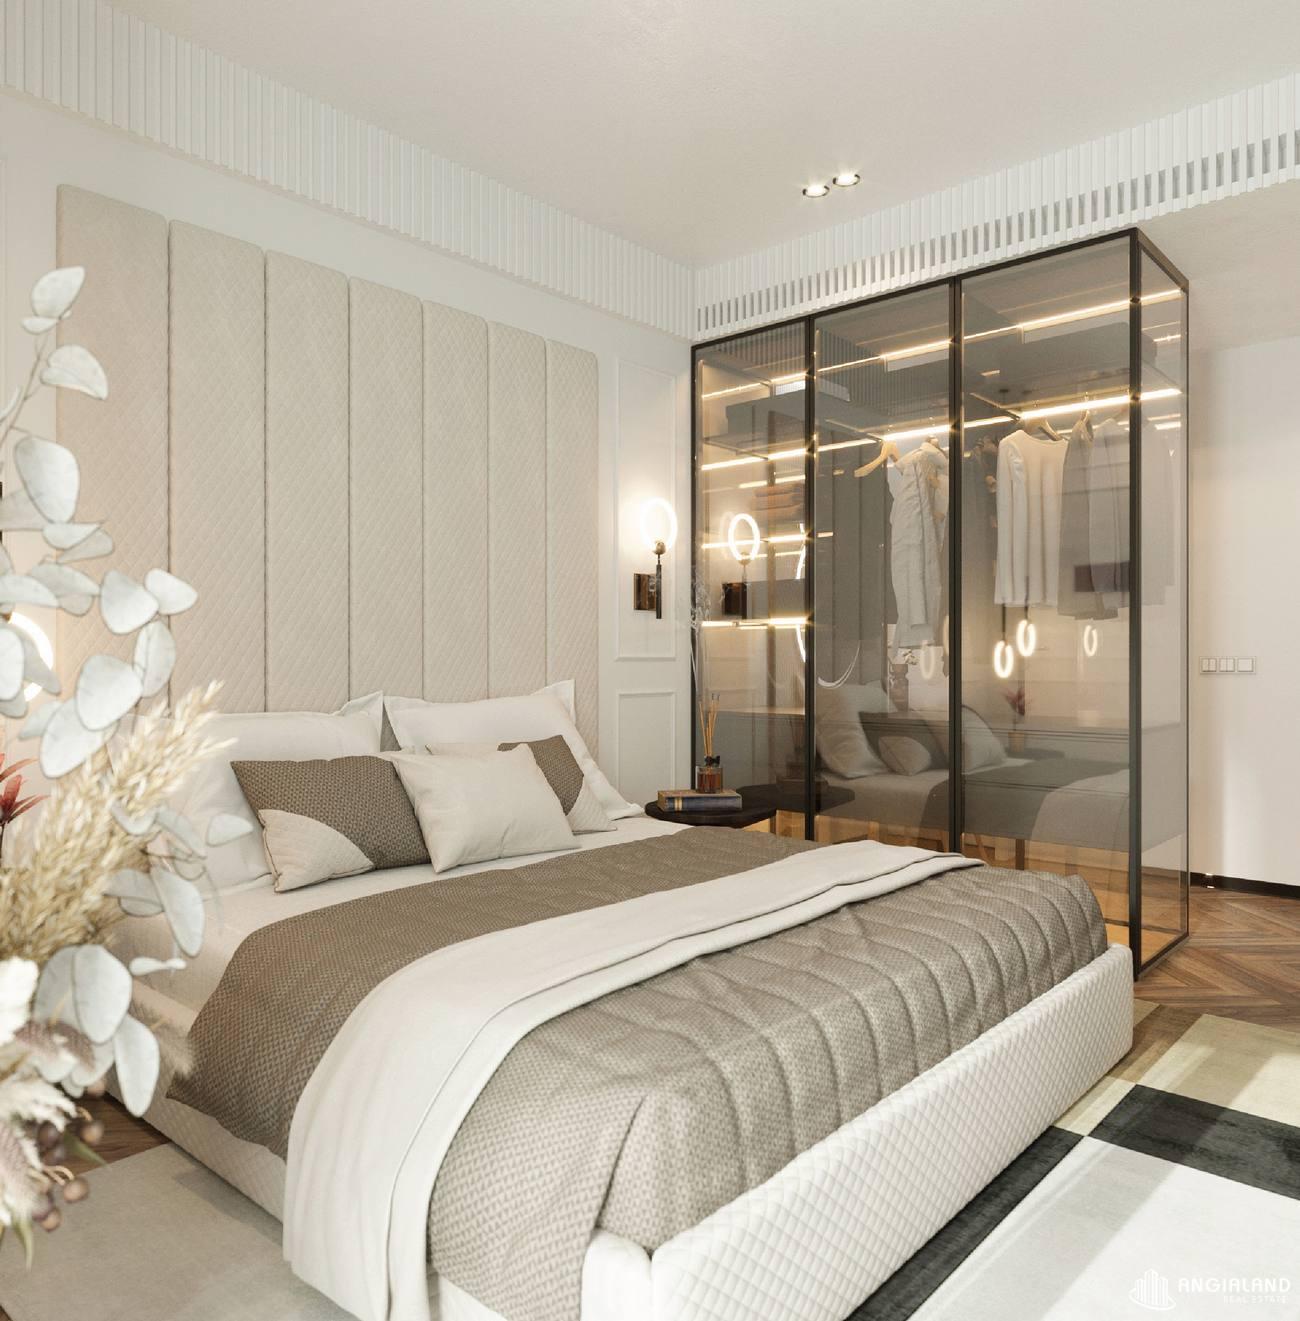 Thiết kế phòng ngủ 1 nhà mẫu 3 phòng ngủ Asiana Đà Nẵng